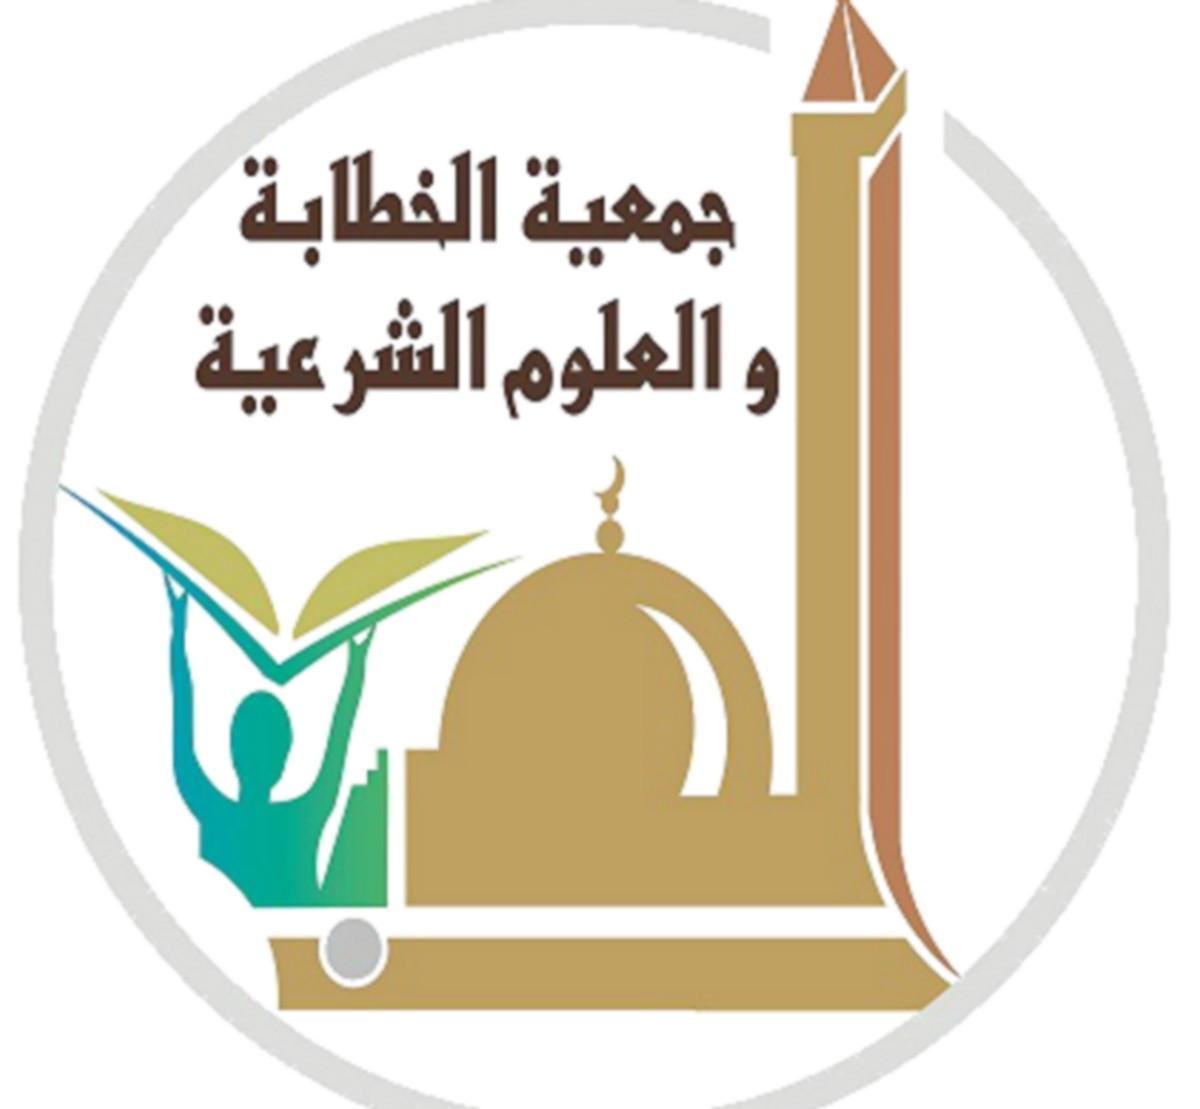 صفاقس: جمعيّة الخطابة والعلوم الشرعيّة تعبر عن تفاجُئِـها من قرار تعليق صلاة الجمعة